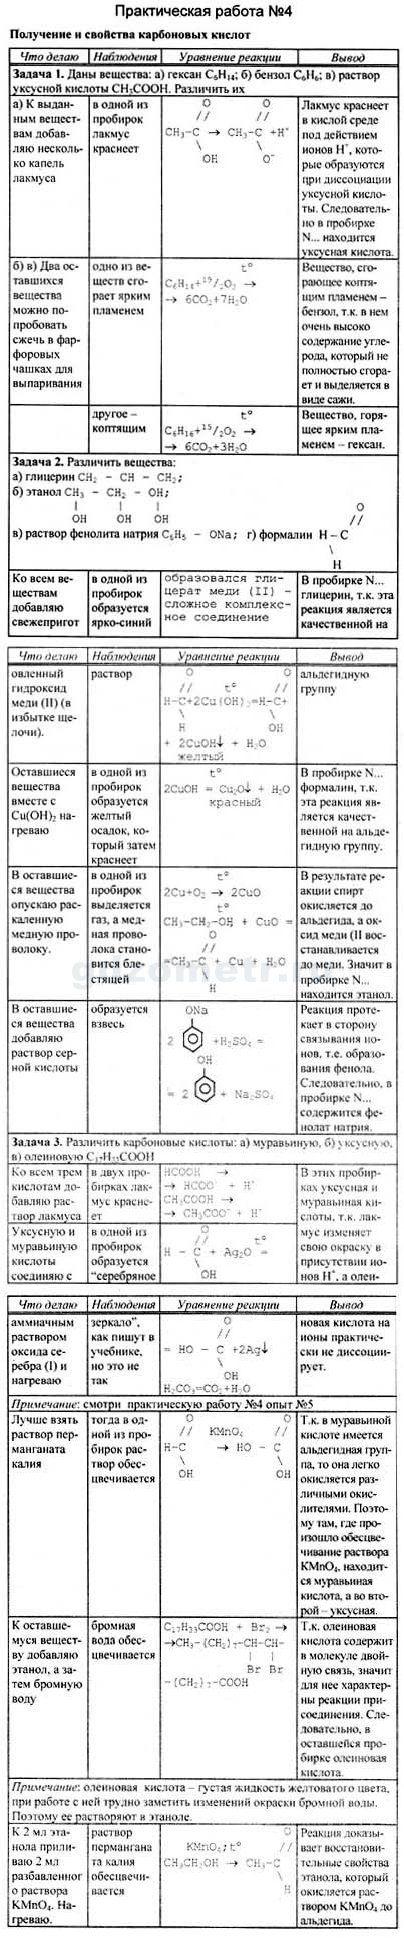 По 10 решебник класс работ химии рудзитис практических